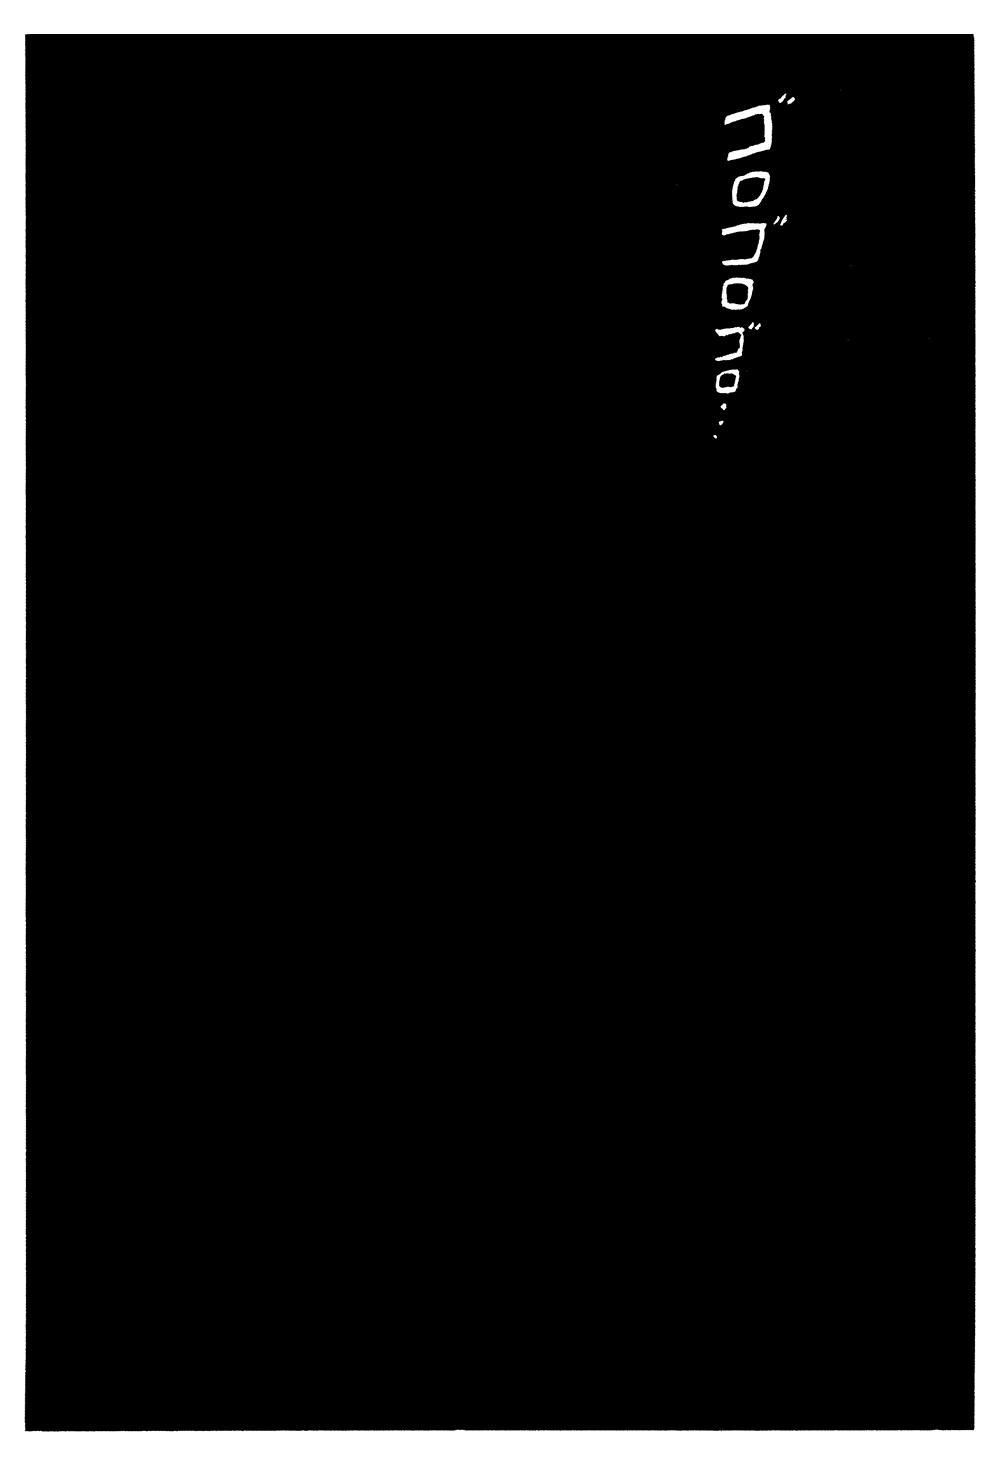 伊藤潤二傑作集 第4話「富江 写真」①juji10-02.jpg